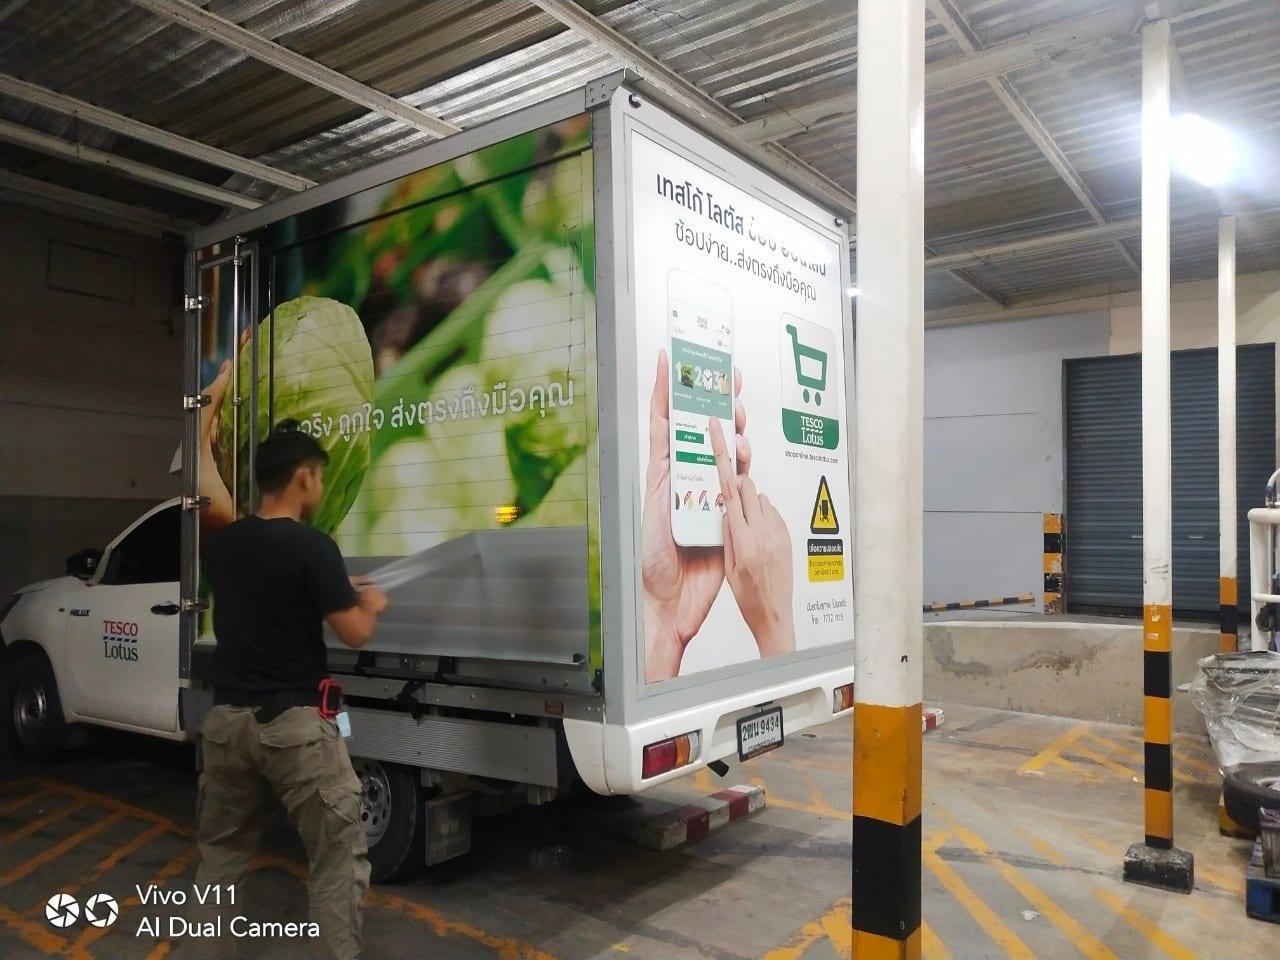 รูป Sticker Van 2020 23 - ประกอบเนื้อหา สติ๊กเกอร์โฆษณาติดรถ